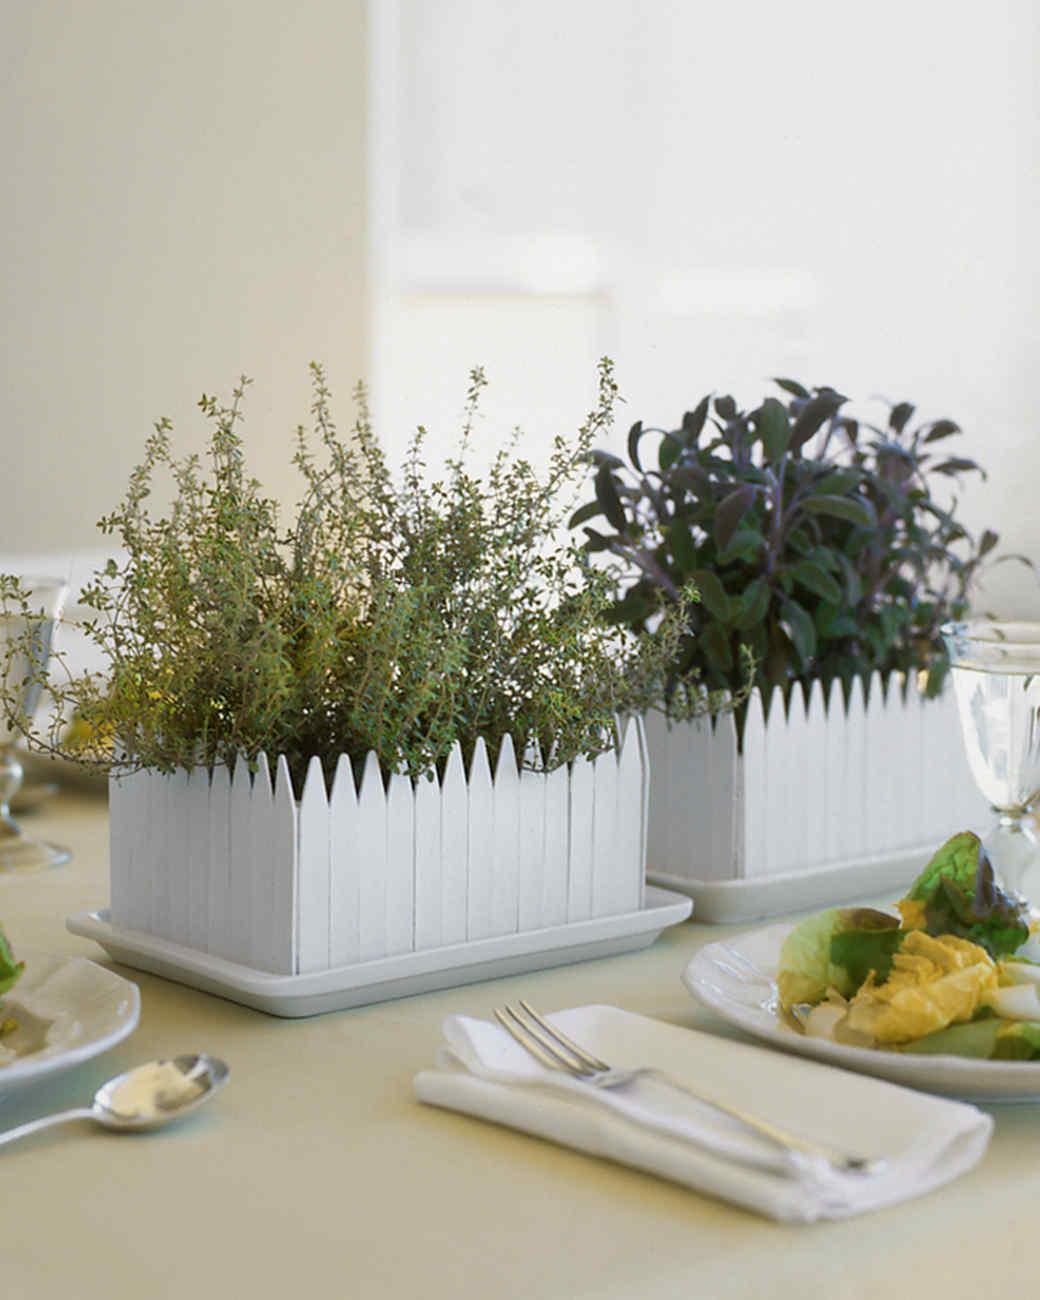 Herb-Garden Centerpiece | Martha Stewart